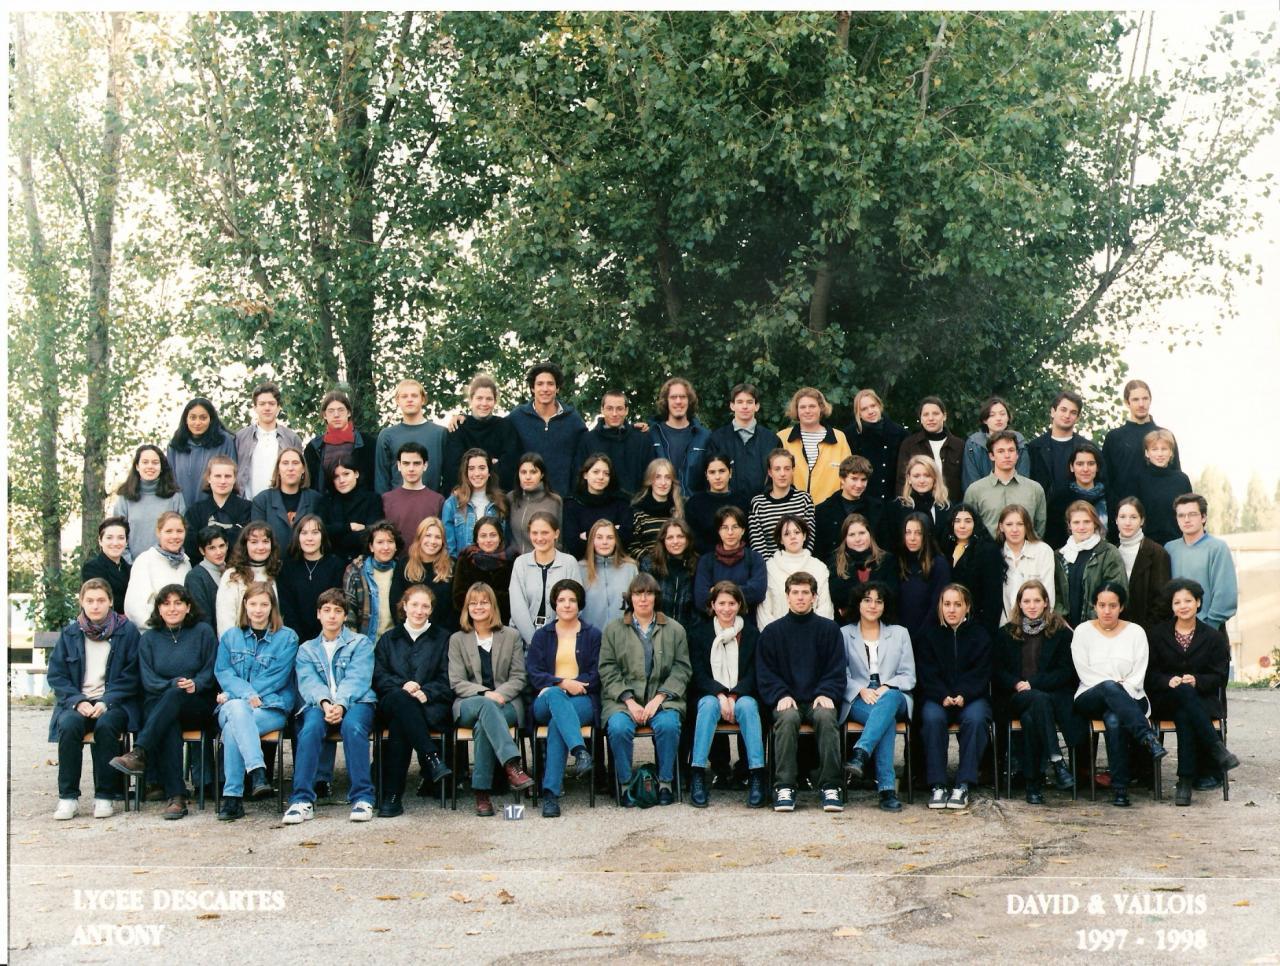 1998 - LSup 6 DAVID